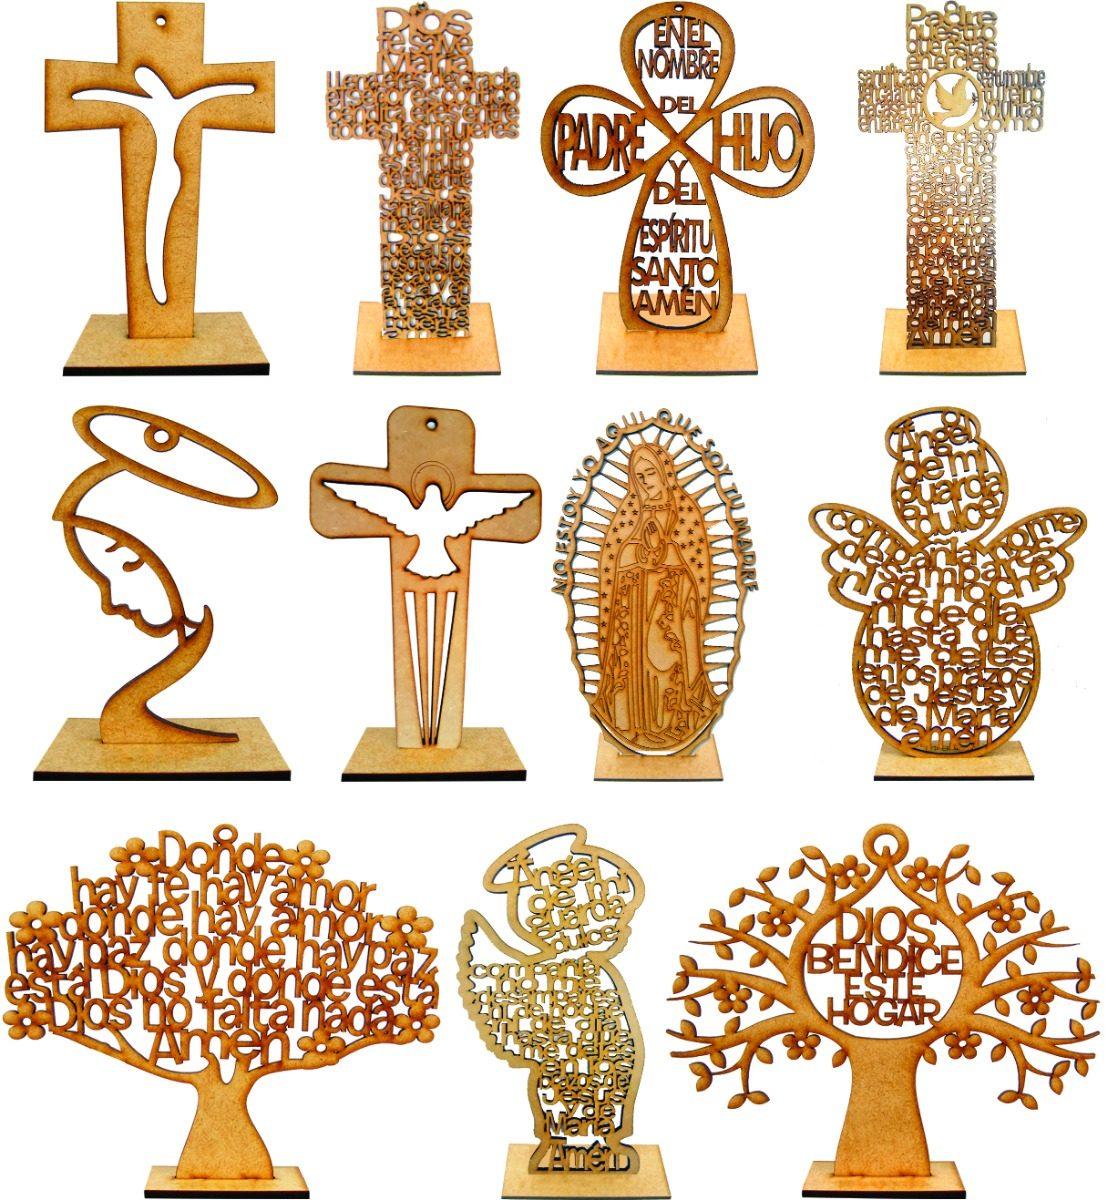 Cruz ngeles rboles personalizados madera mdf 15cm fiesta - Donde conseguir cajas de madera ...